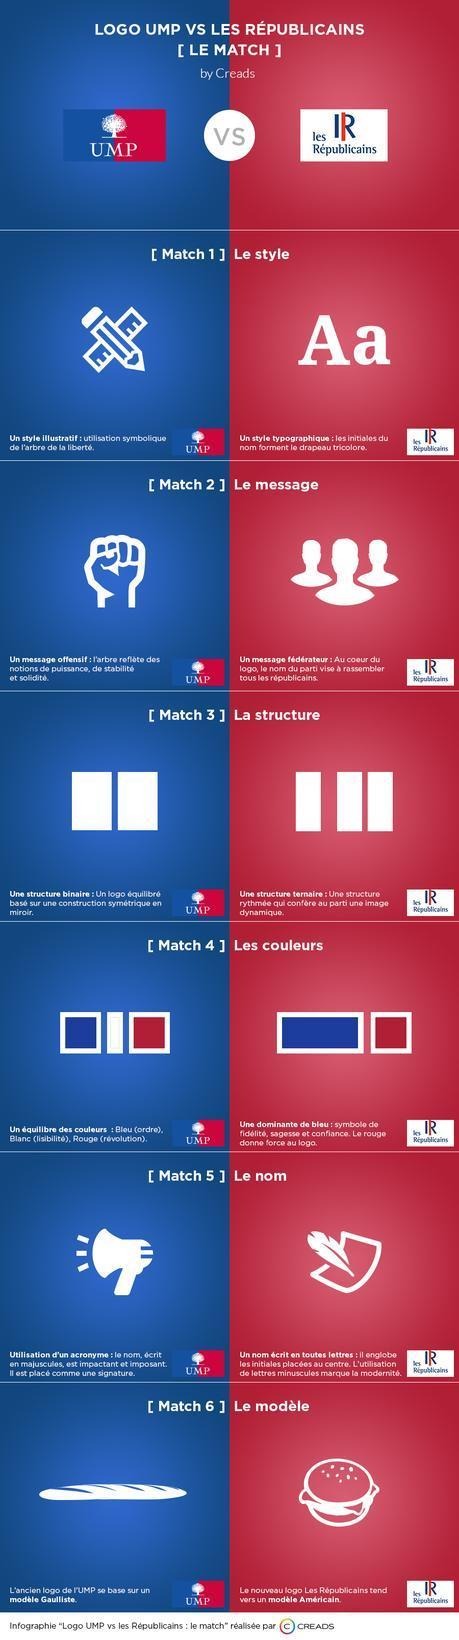 Creads_Infographie_LesRepublicains